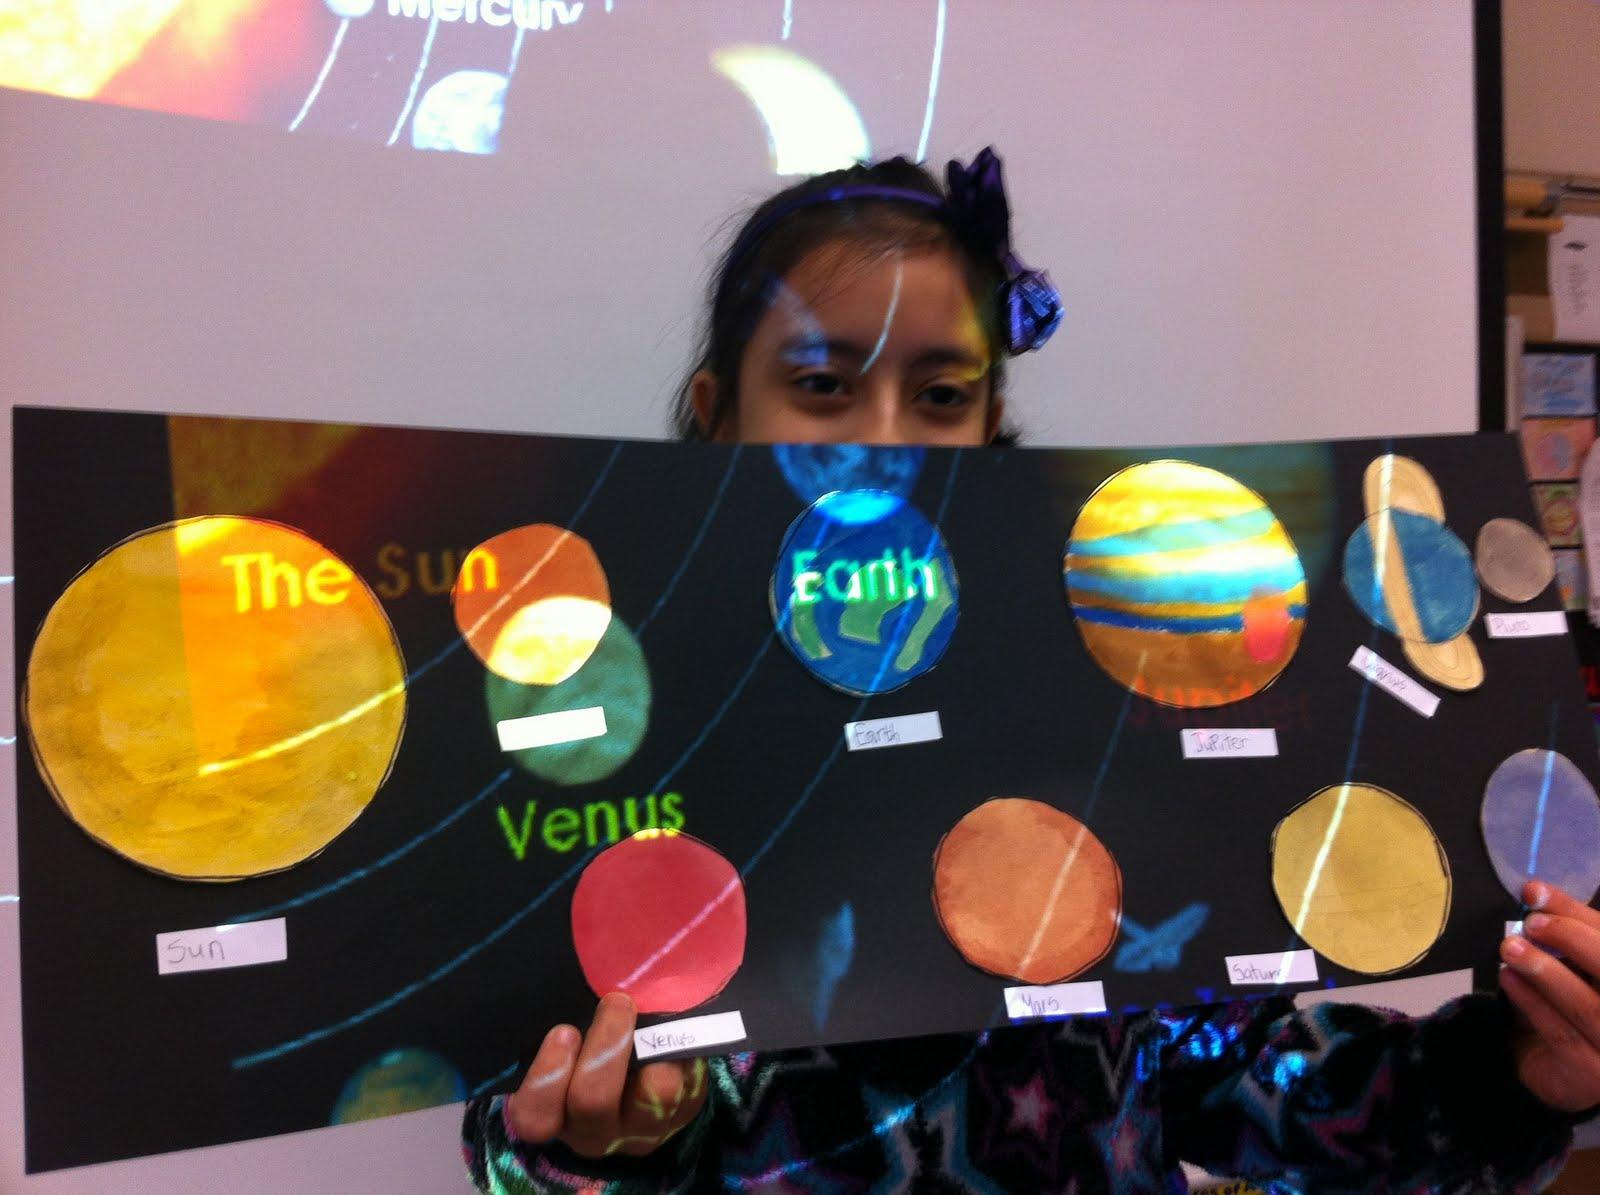 Solar System Worksheet For 3rd Grade